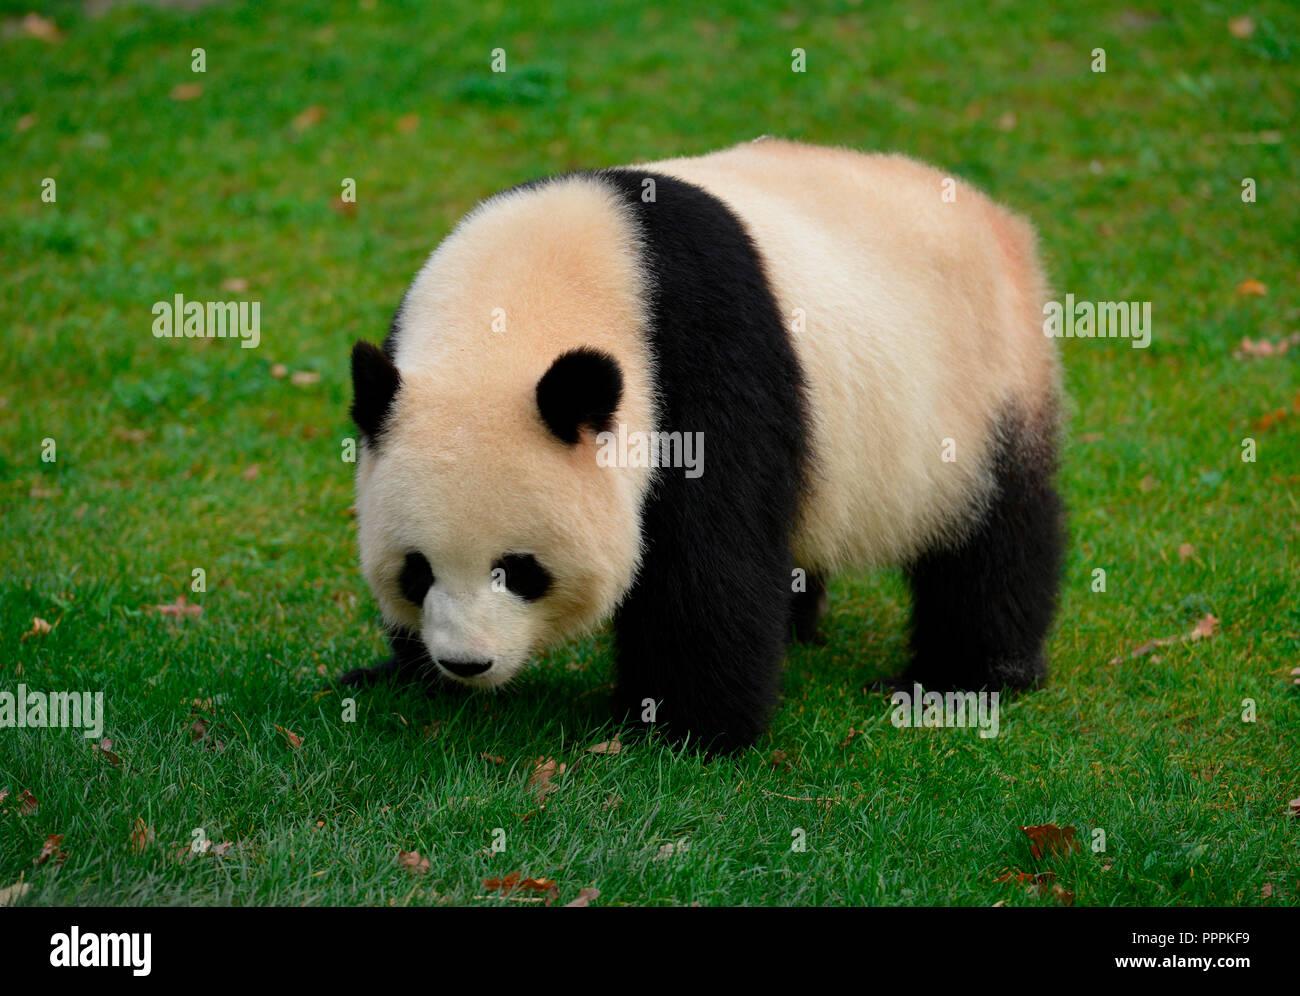 Panda Meng Meng, Zoo, Tiergarten, Mitte, Berlin, Deutschland - Stock Image